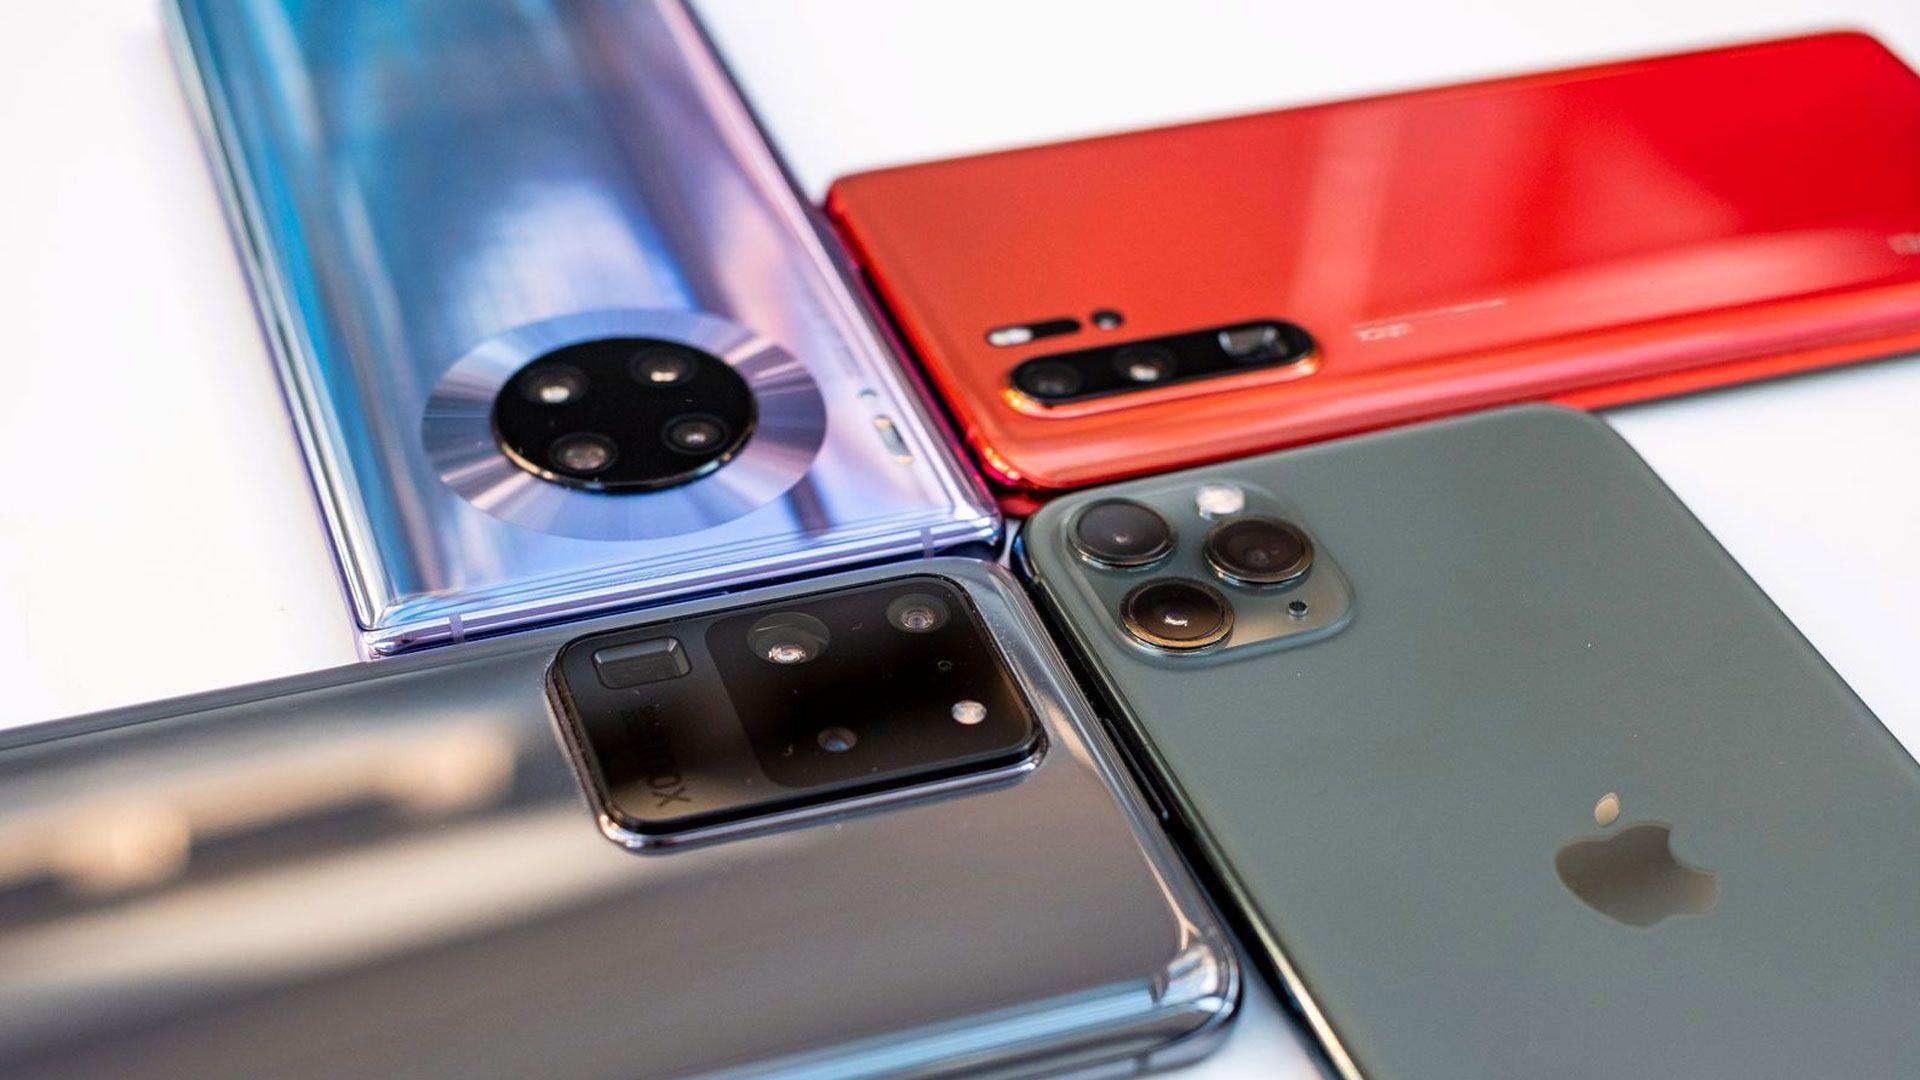 Smarttelefonsalget har stupt den siste tiden